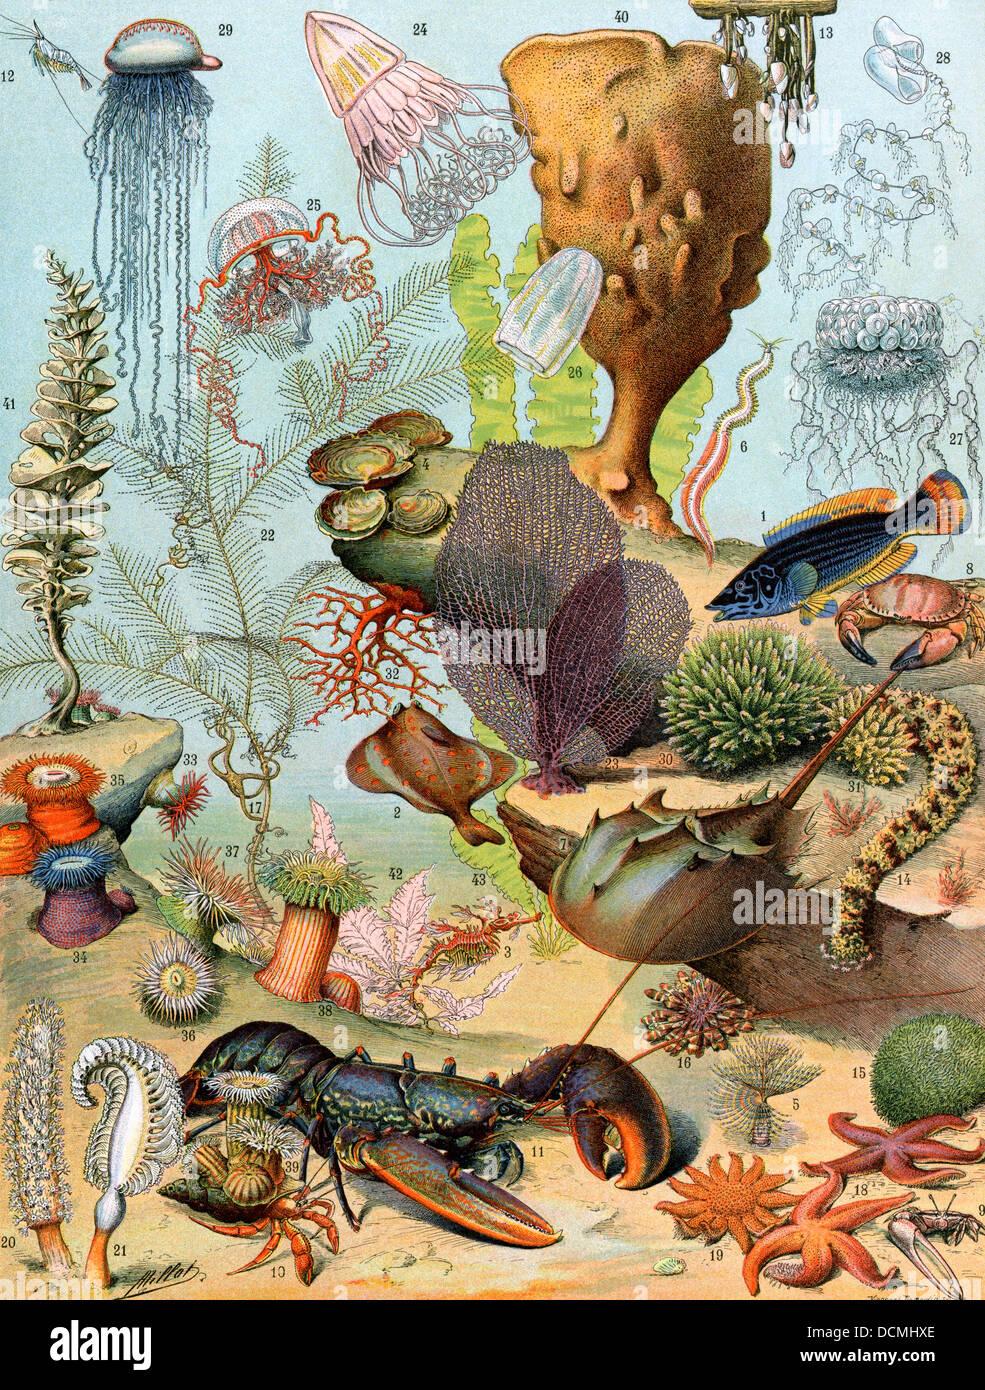 Leben auf dem Meeresboden, einschließlich Krebstieren und Weichtieren. Stockfoto